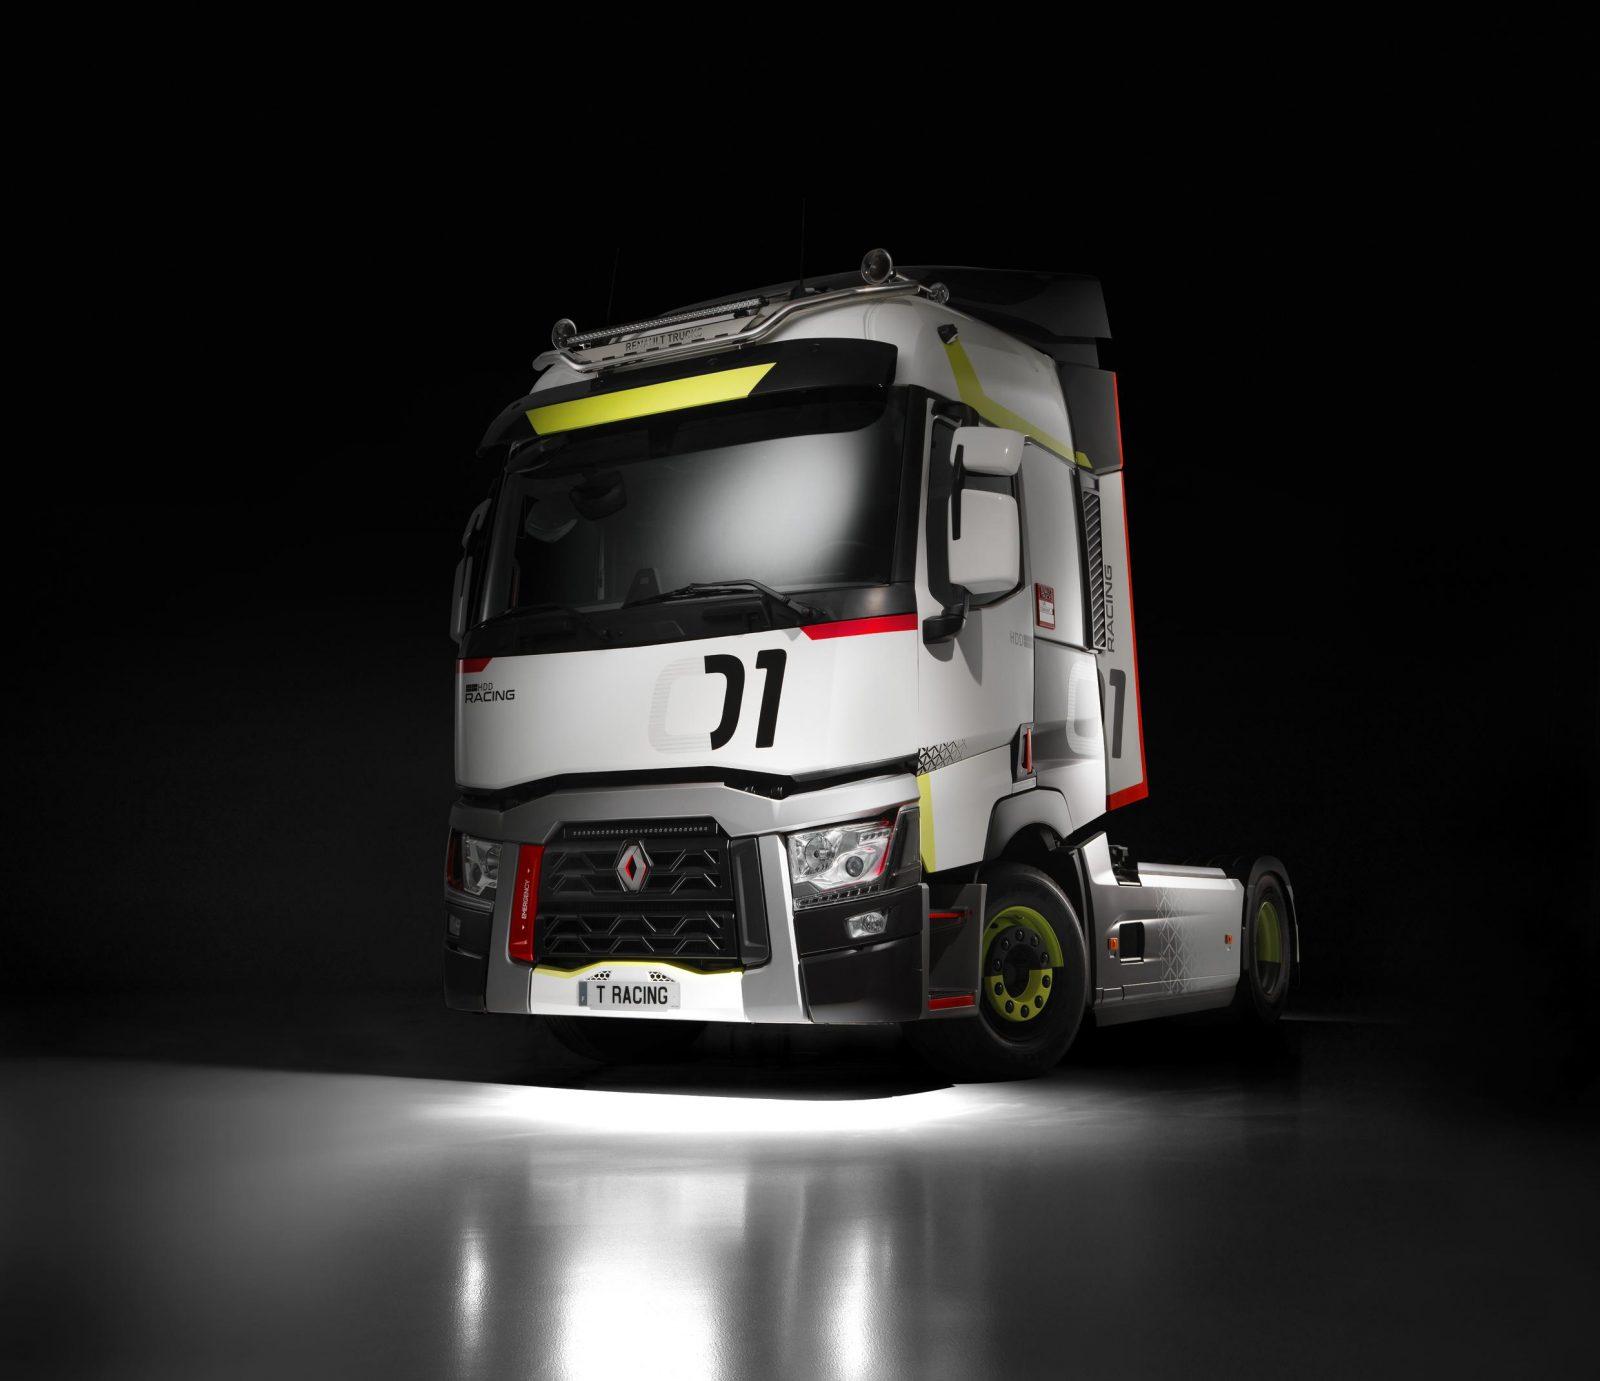 Renault Trucks T01 Racing спеціальна серія вантажівок з невеликим пробігом